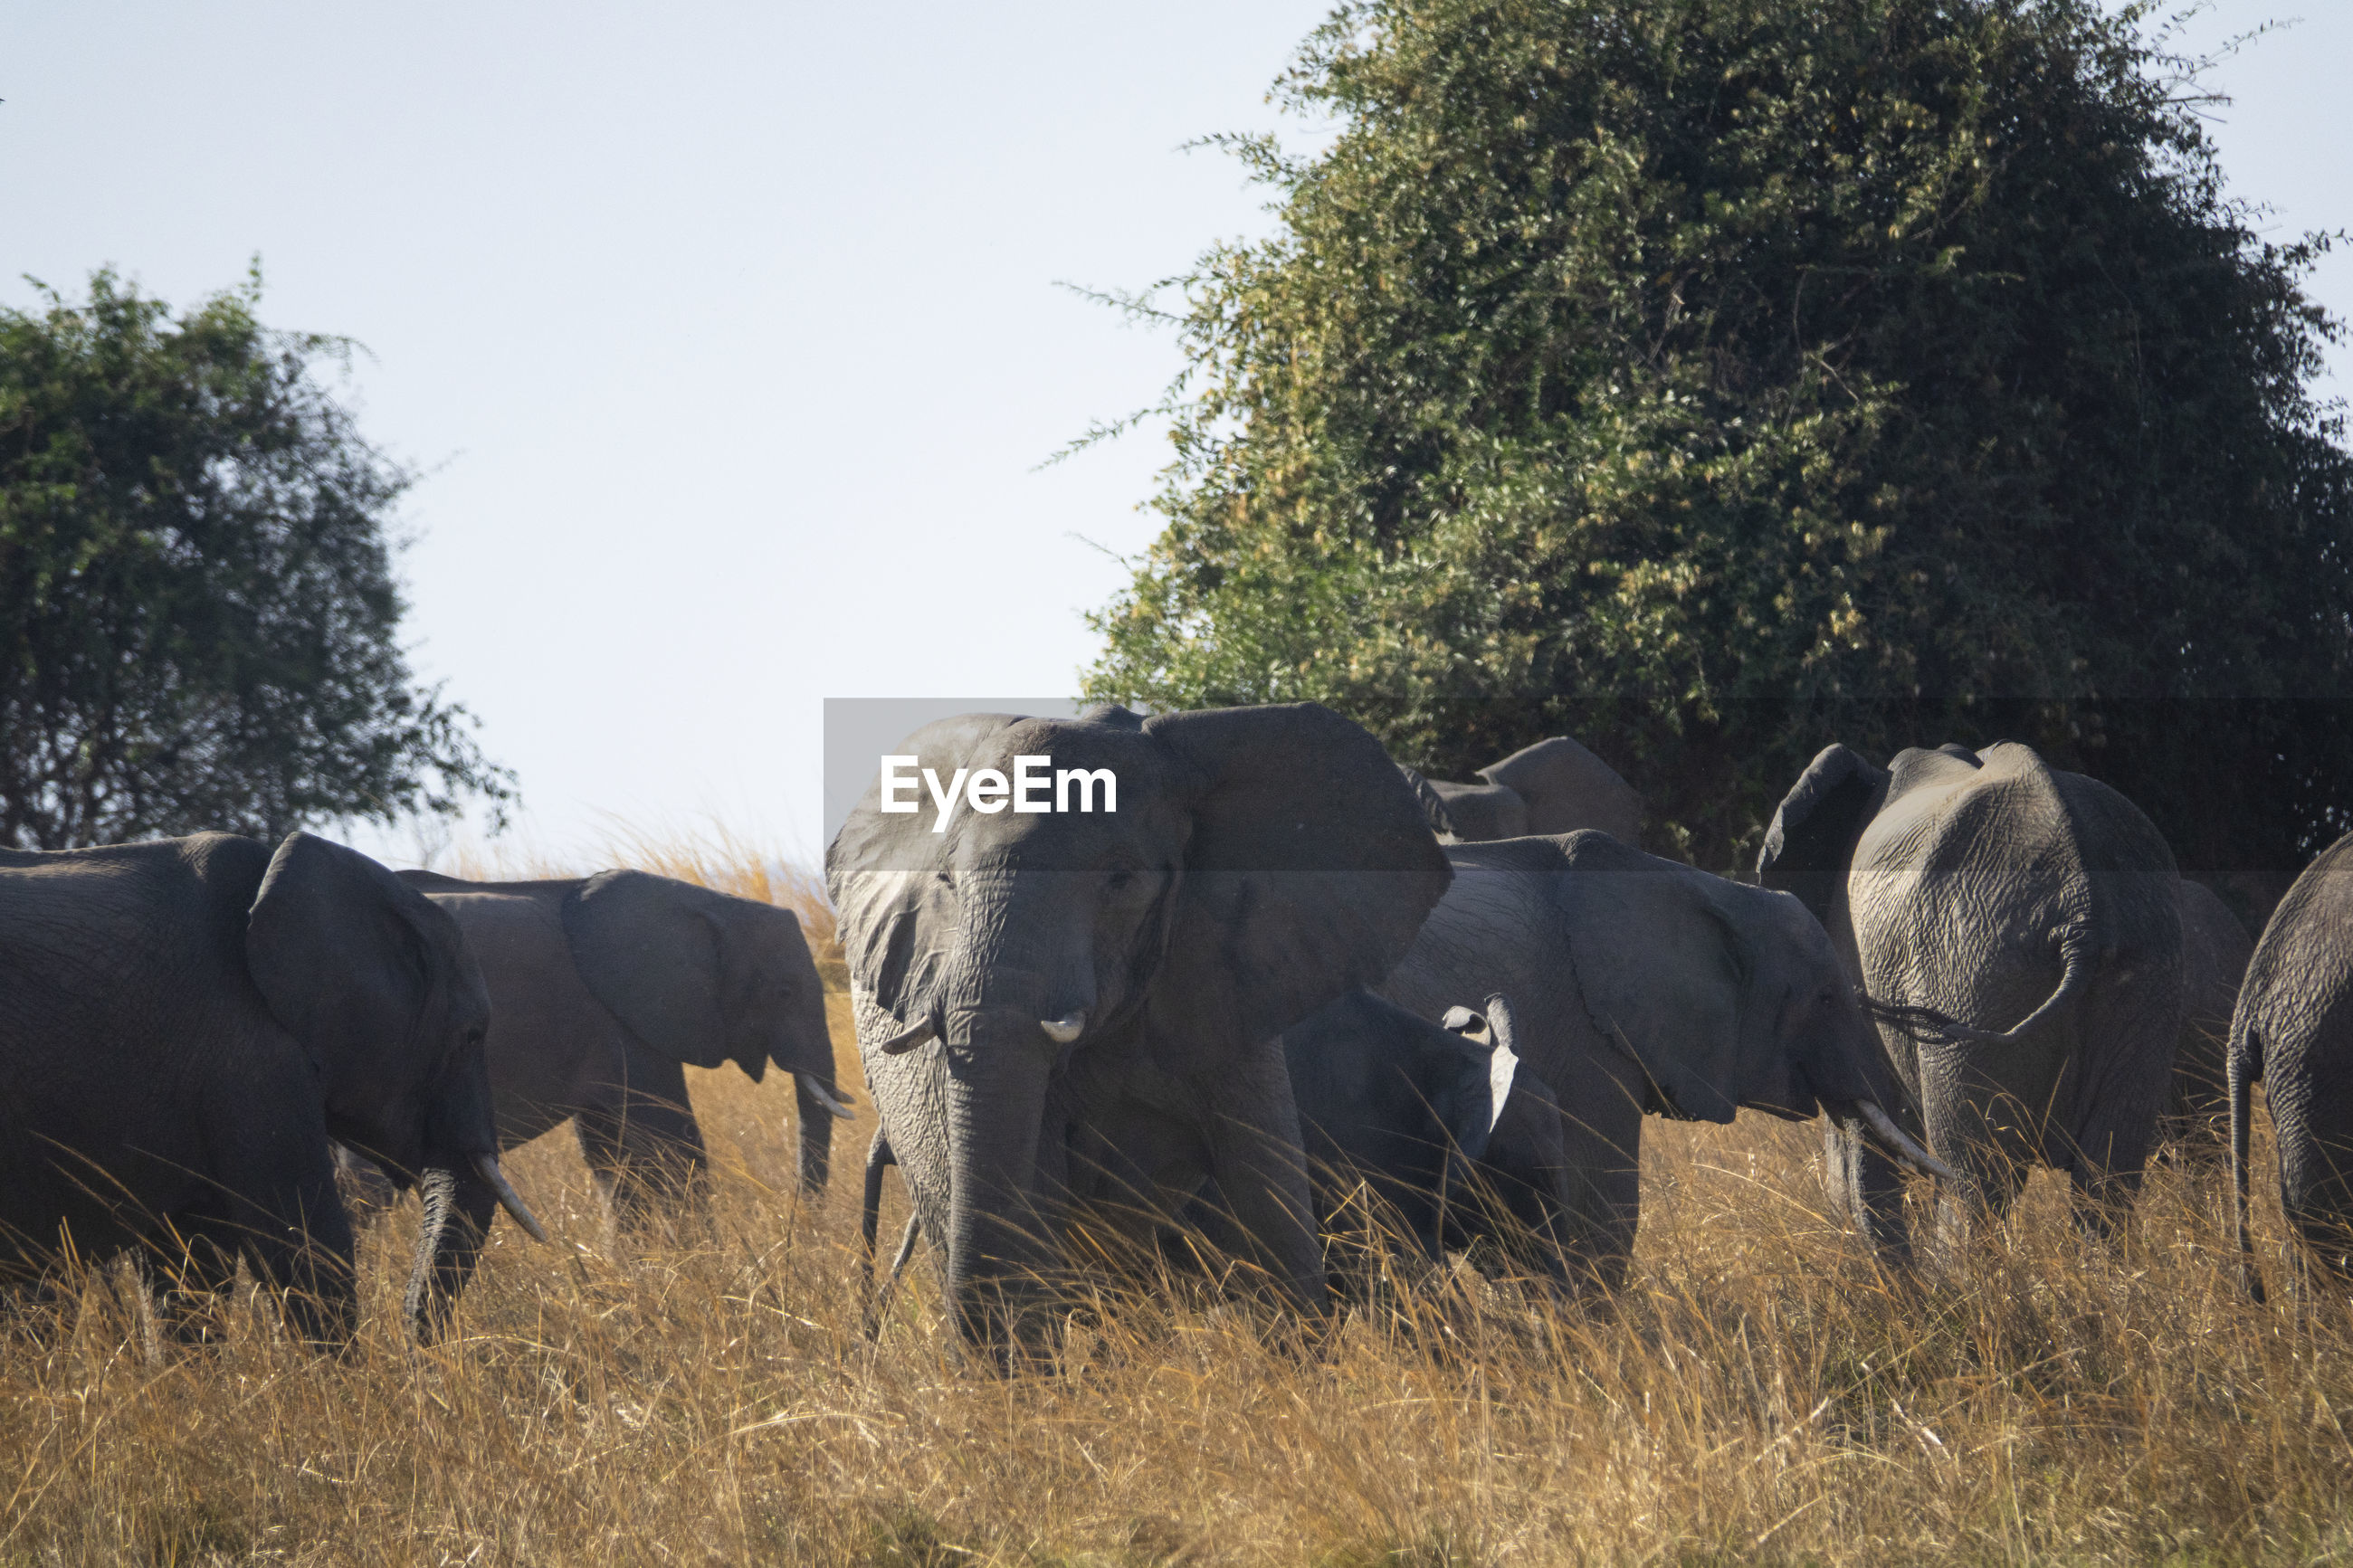 Elephants in a field